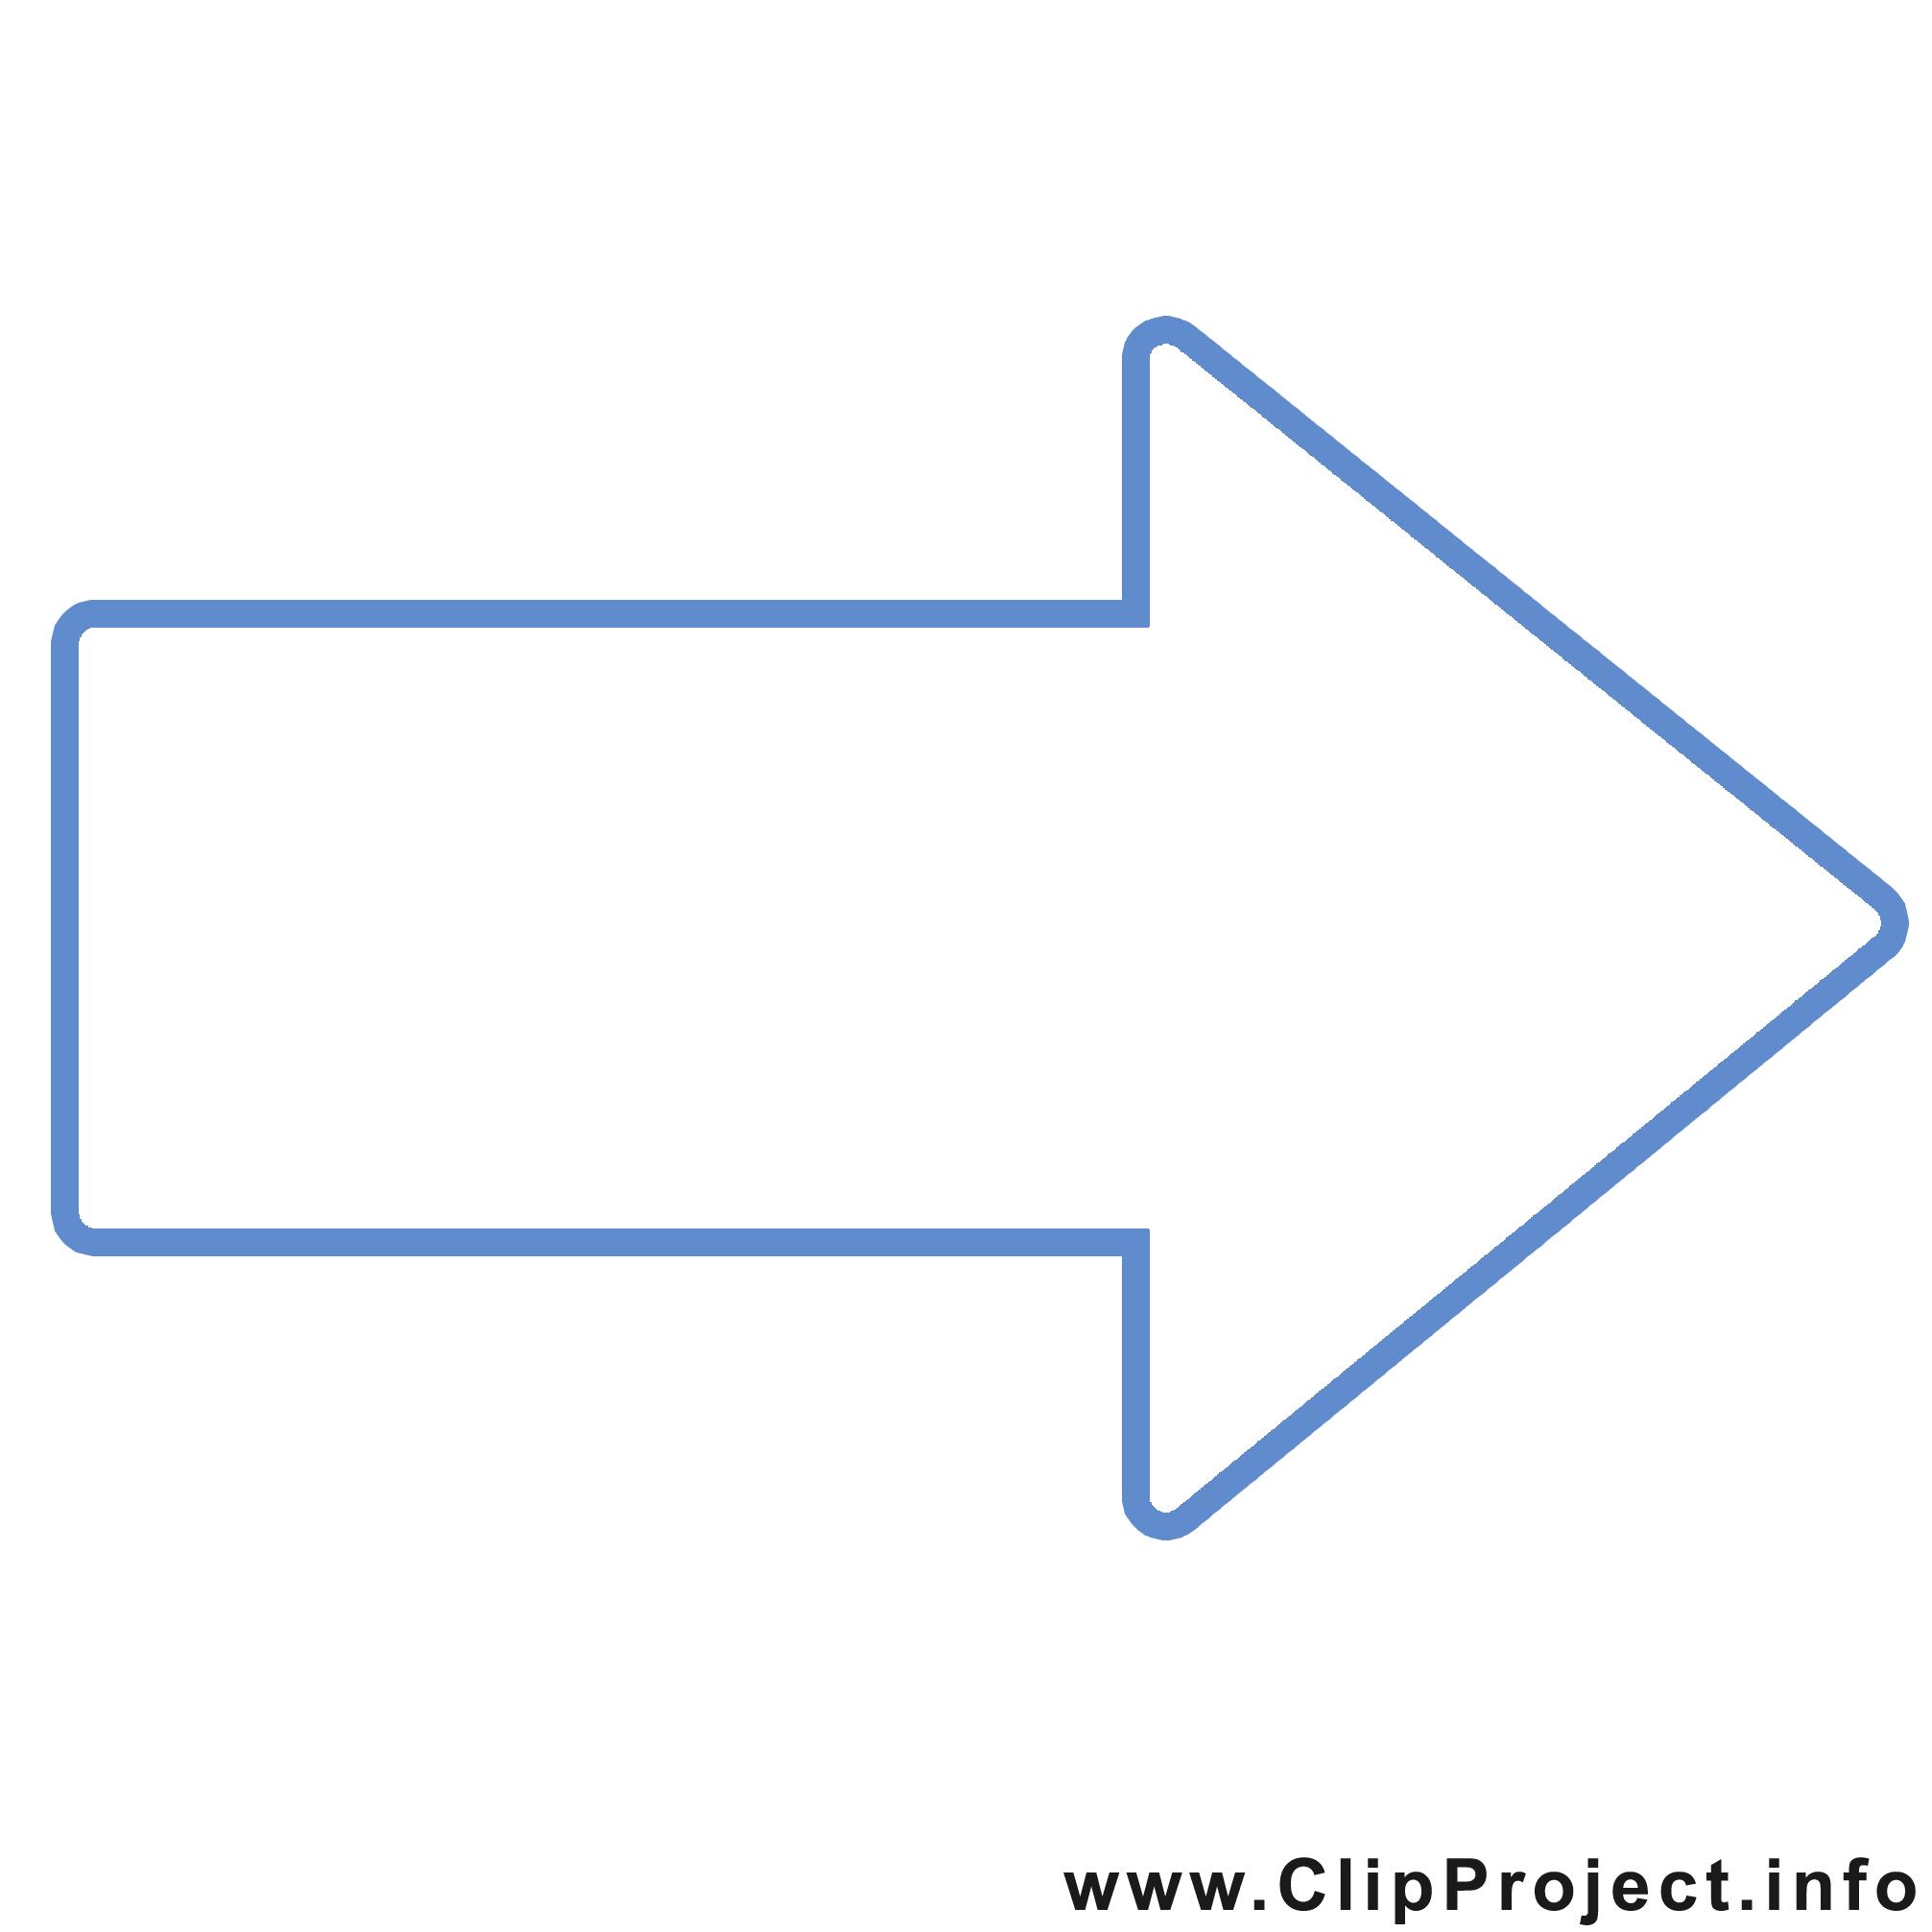 Dessin De Fleche flèche dessin – bureau cliparts à télécharger - bureau dessin